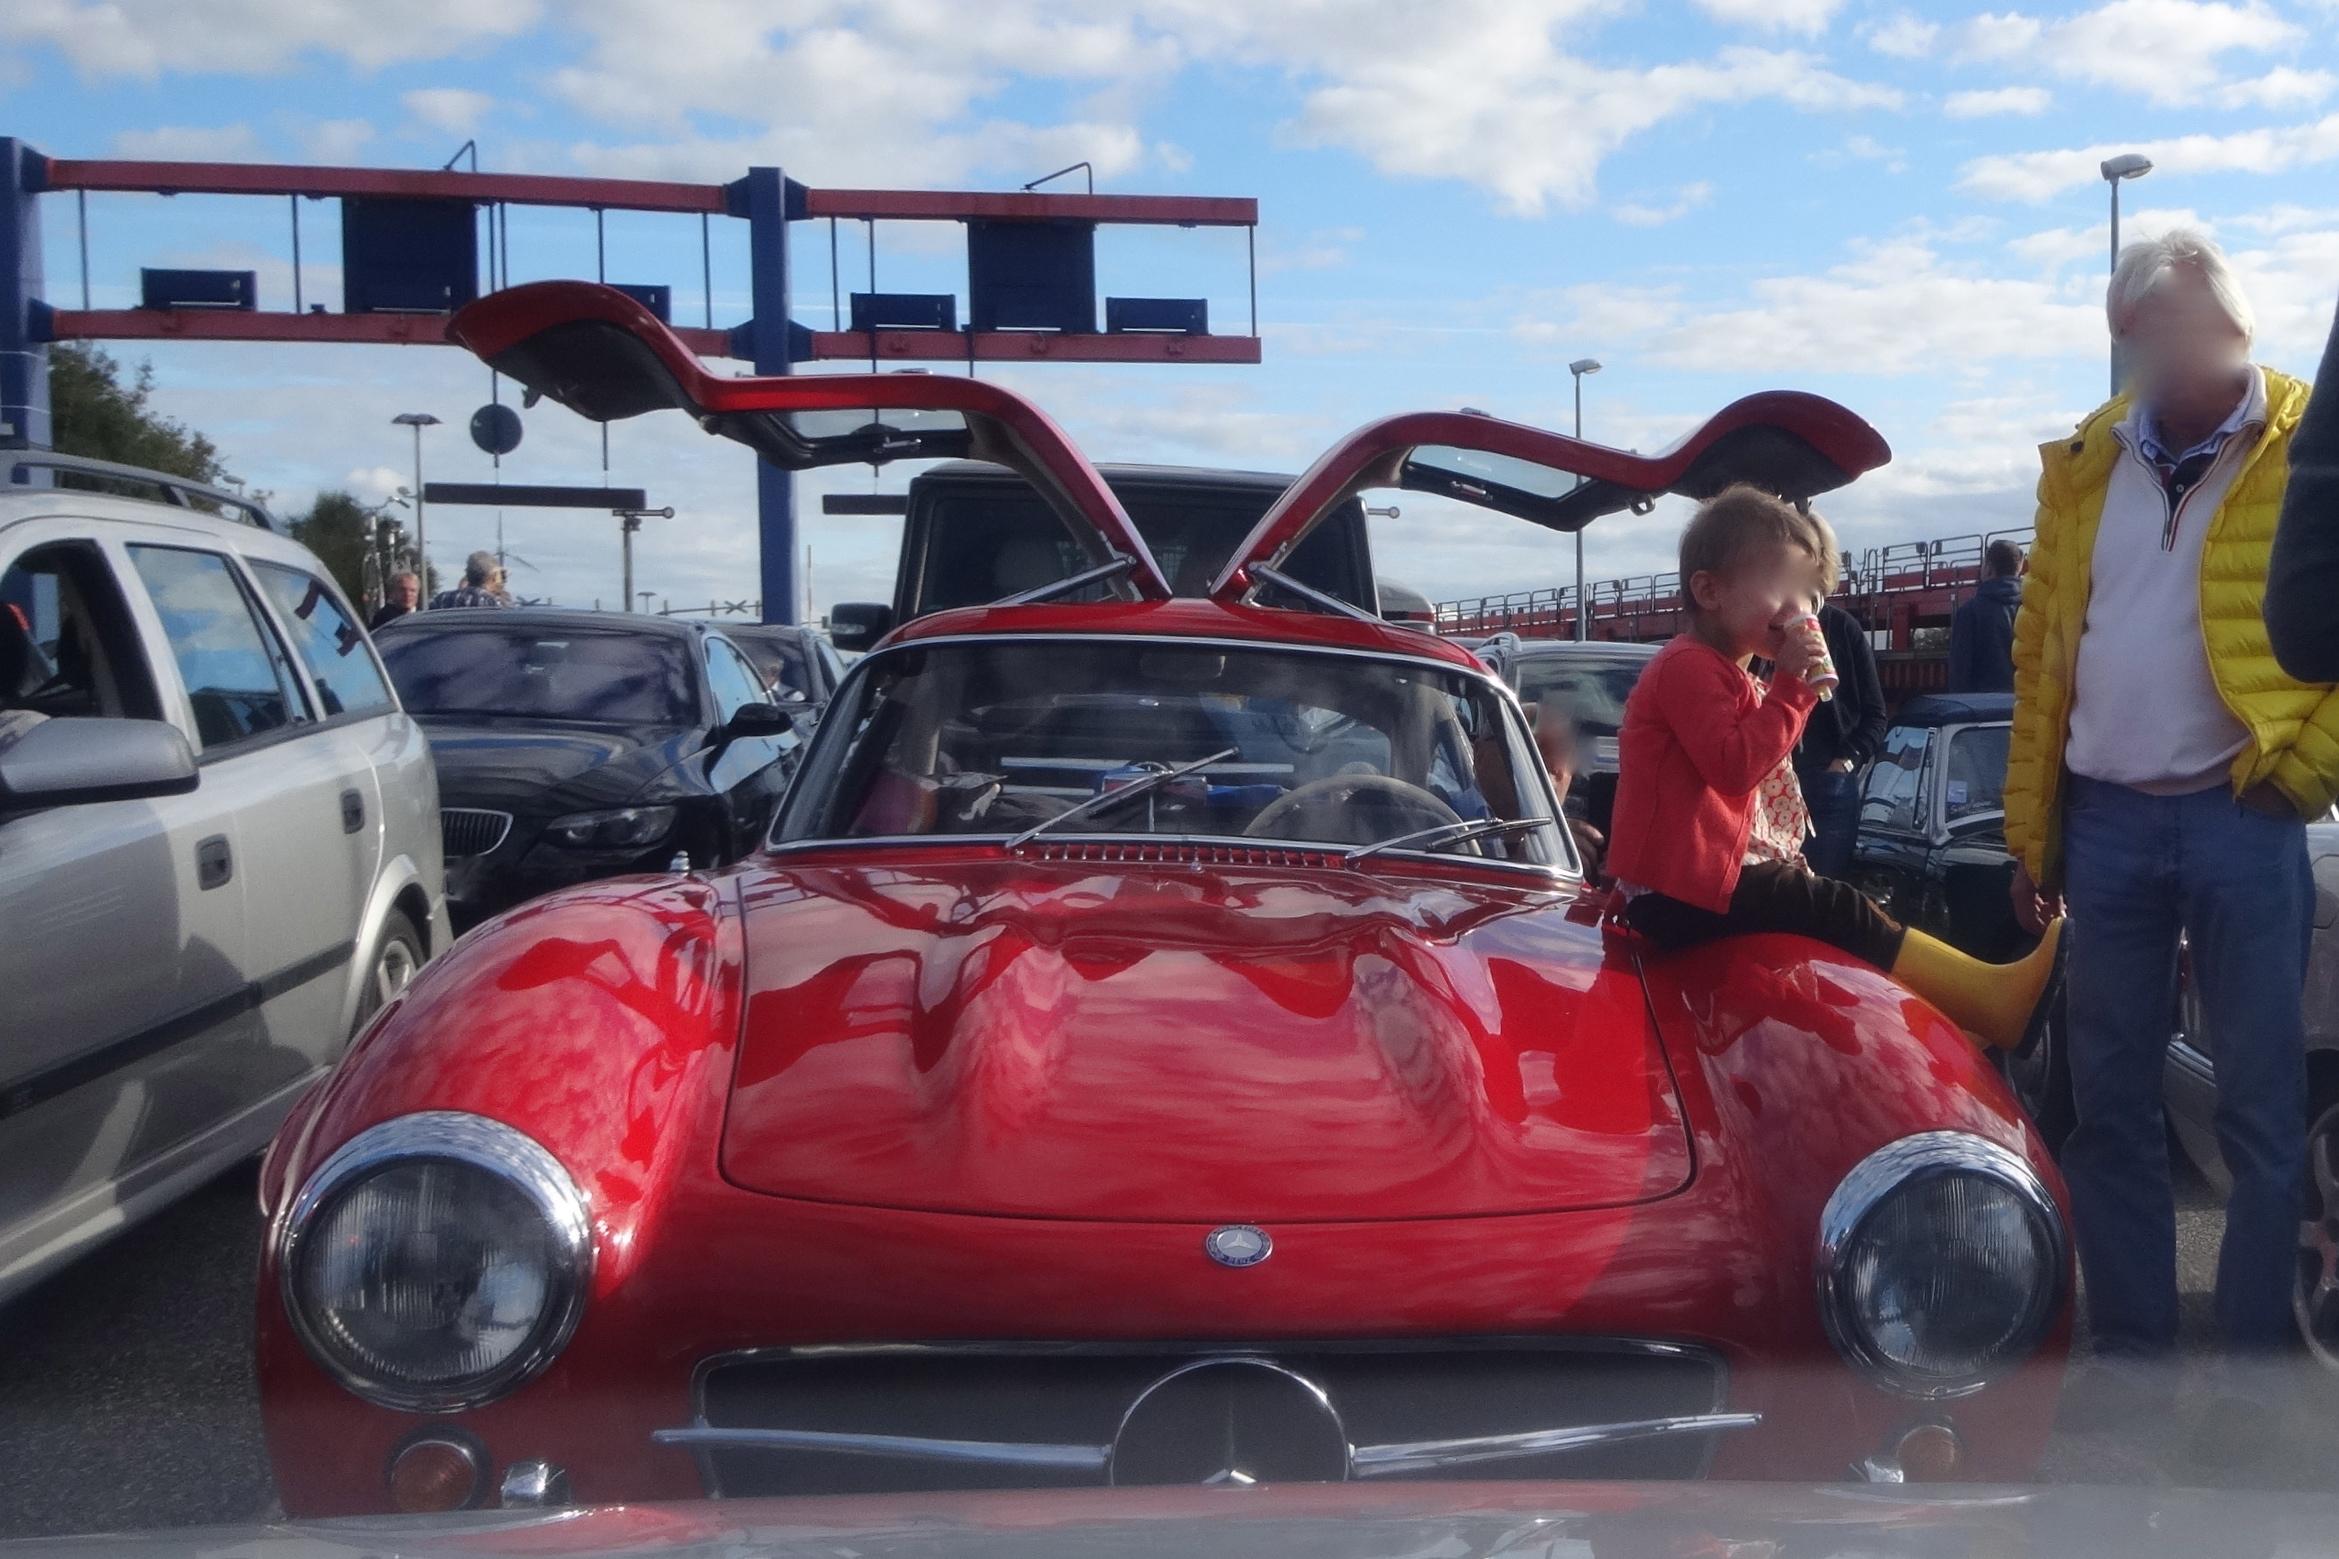 Mercedes 300 SL Gullwing driven by a lady / von einer Dame gefahren